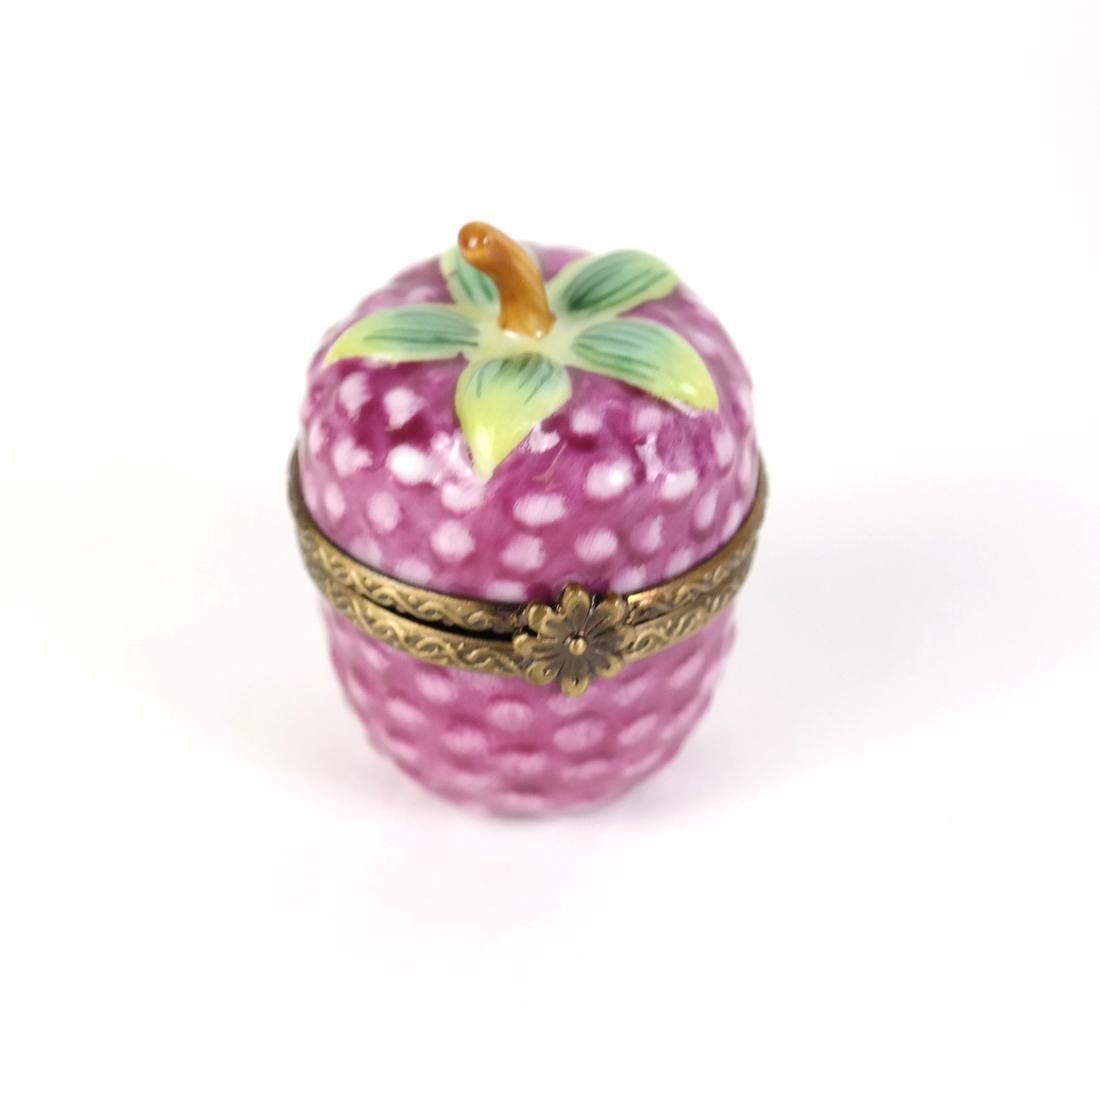 Four Fruit & Floral Limoges Boxes - 3